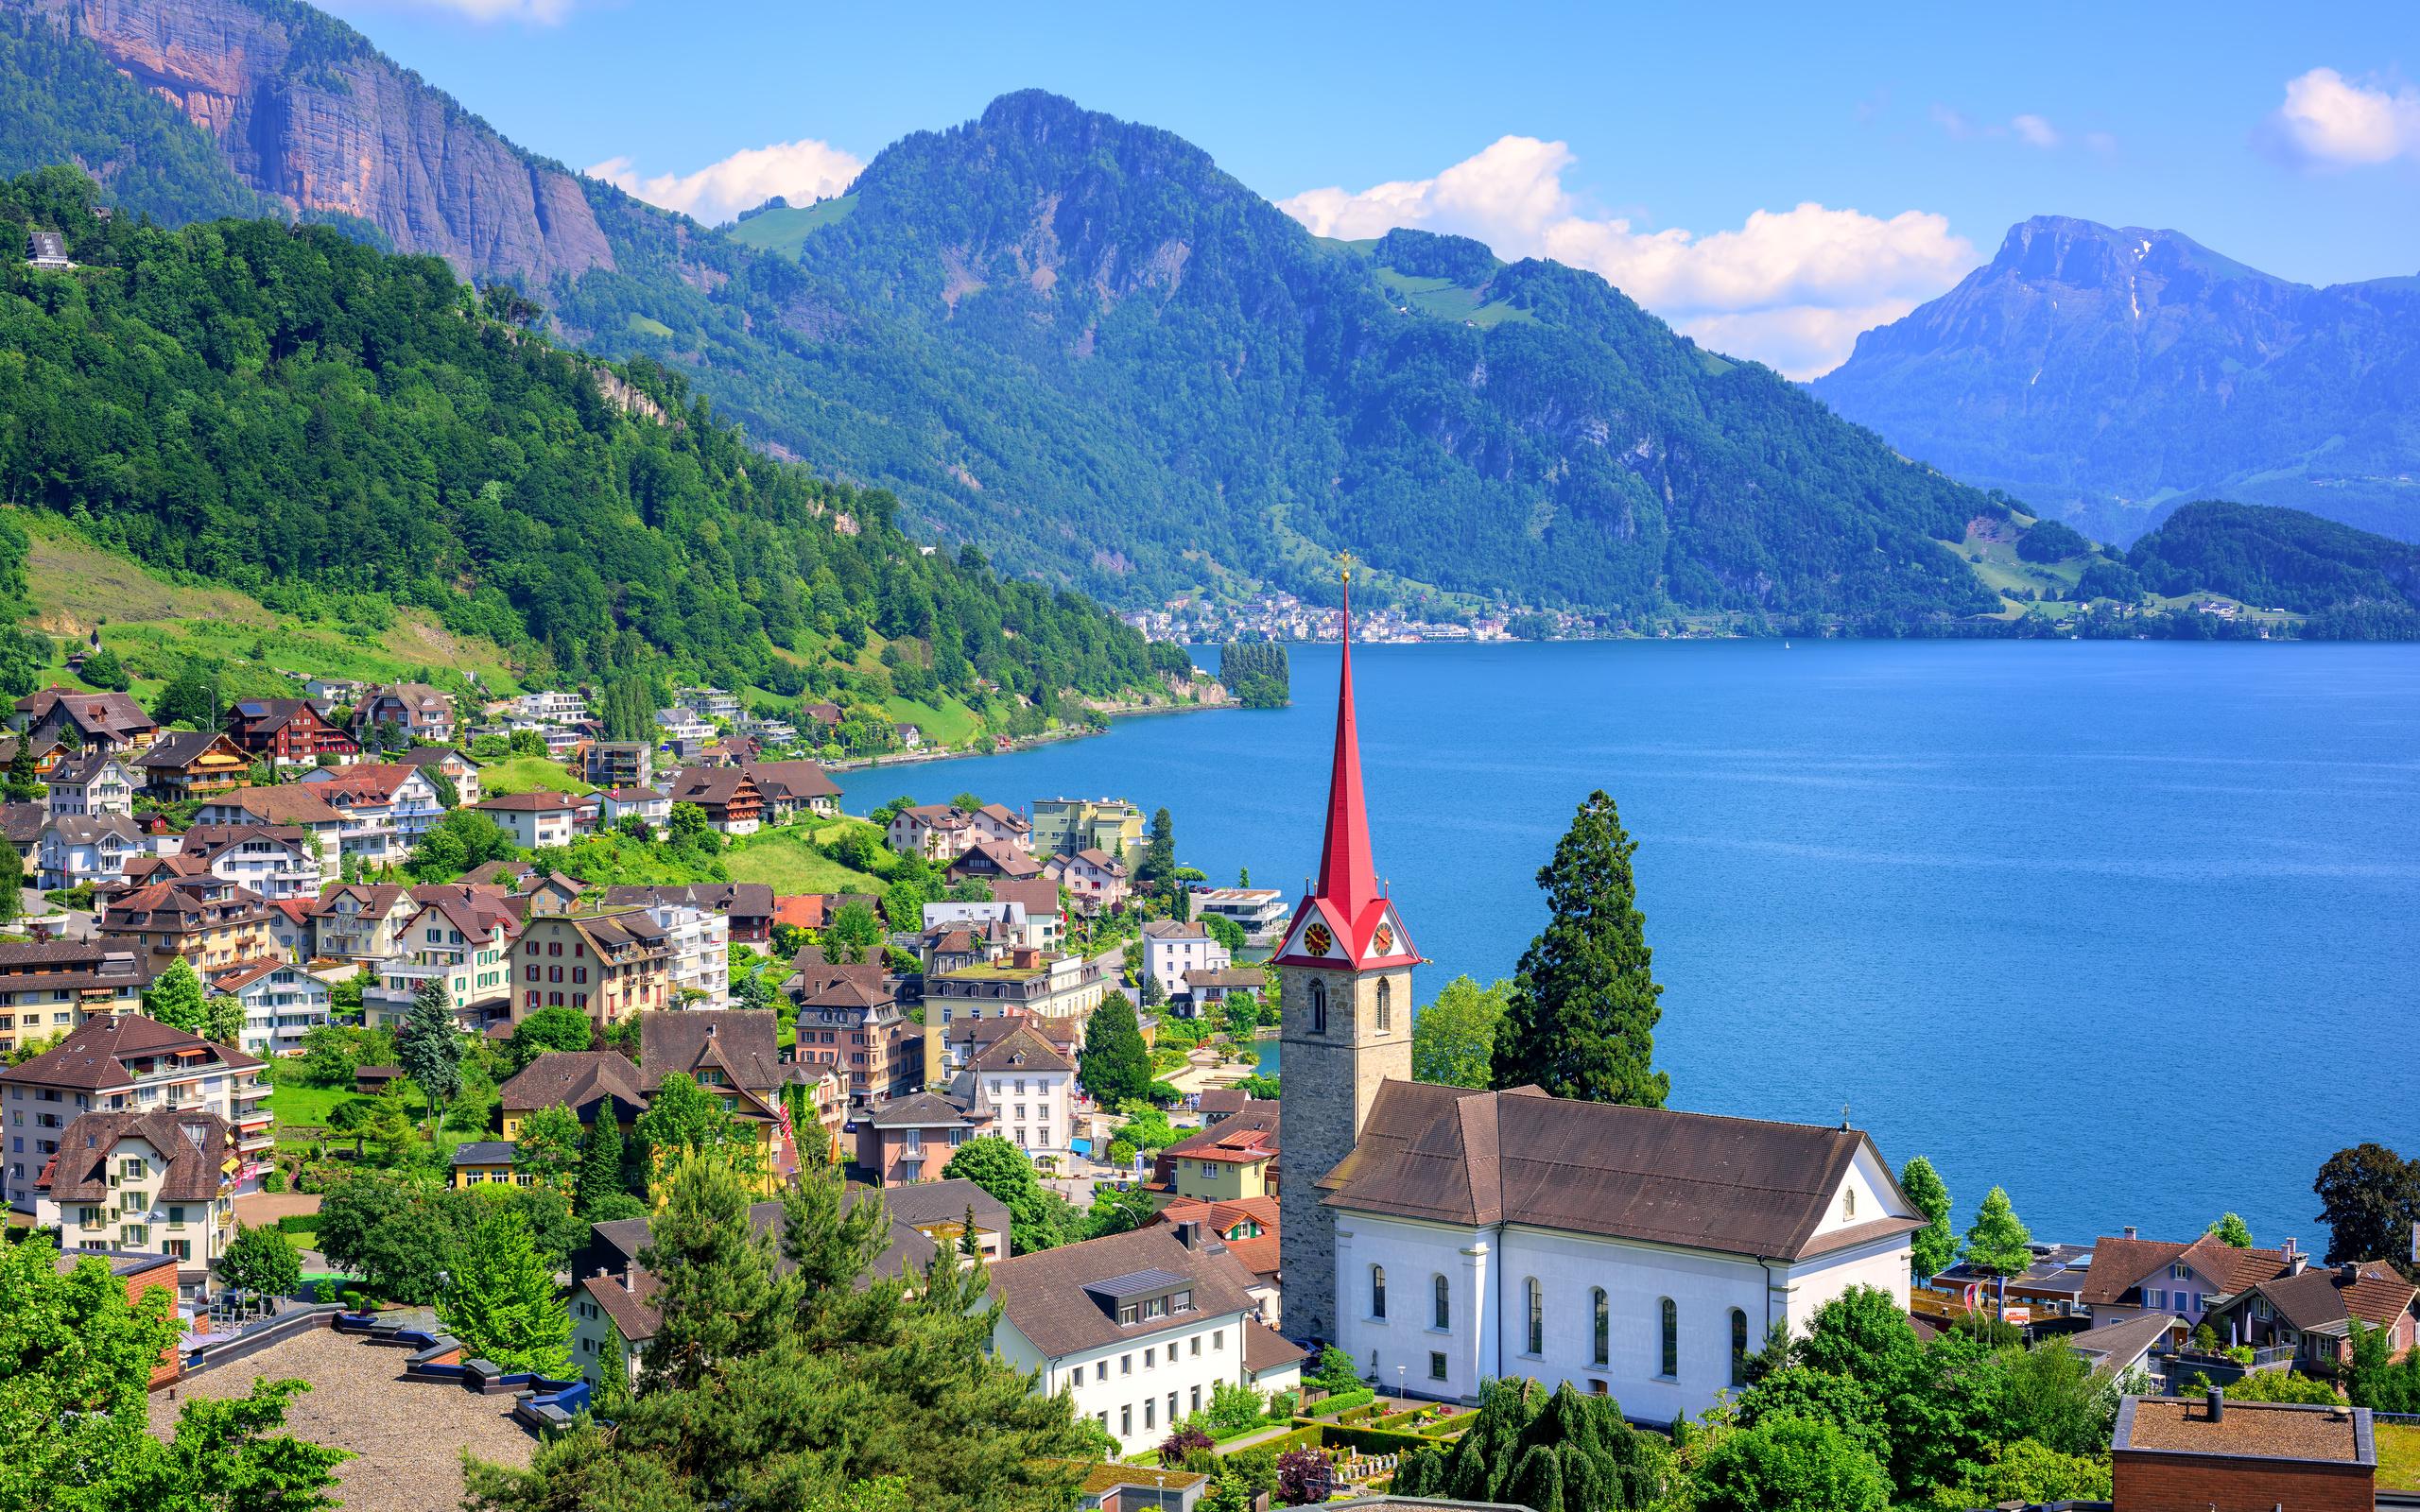 красивые места швейцарии картинки скатерти крючком